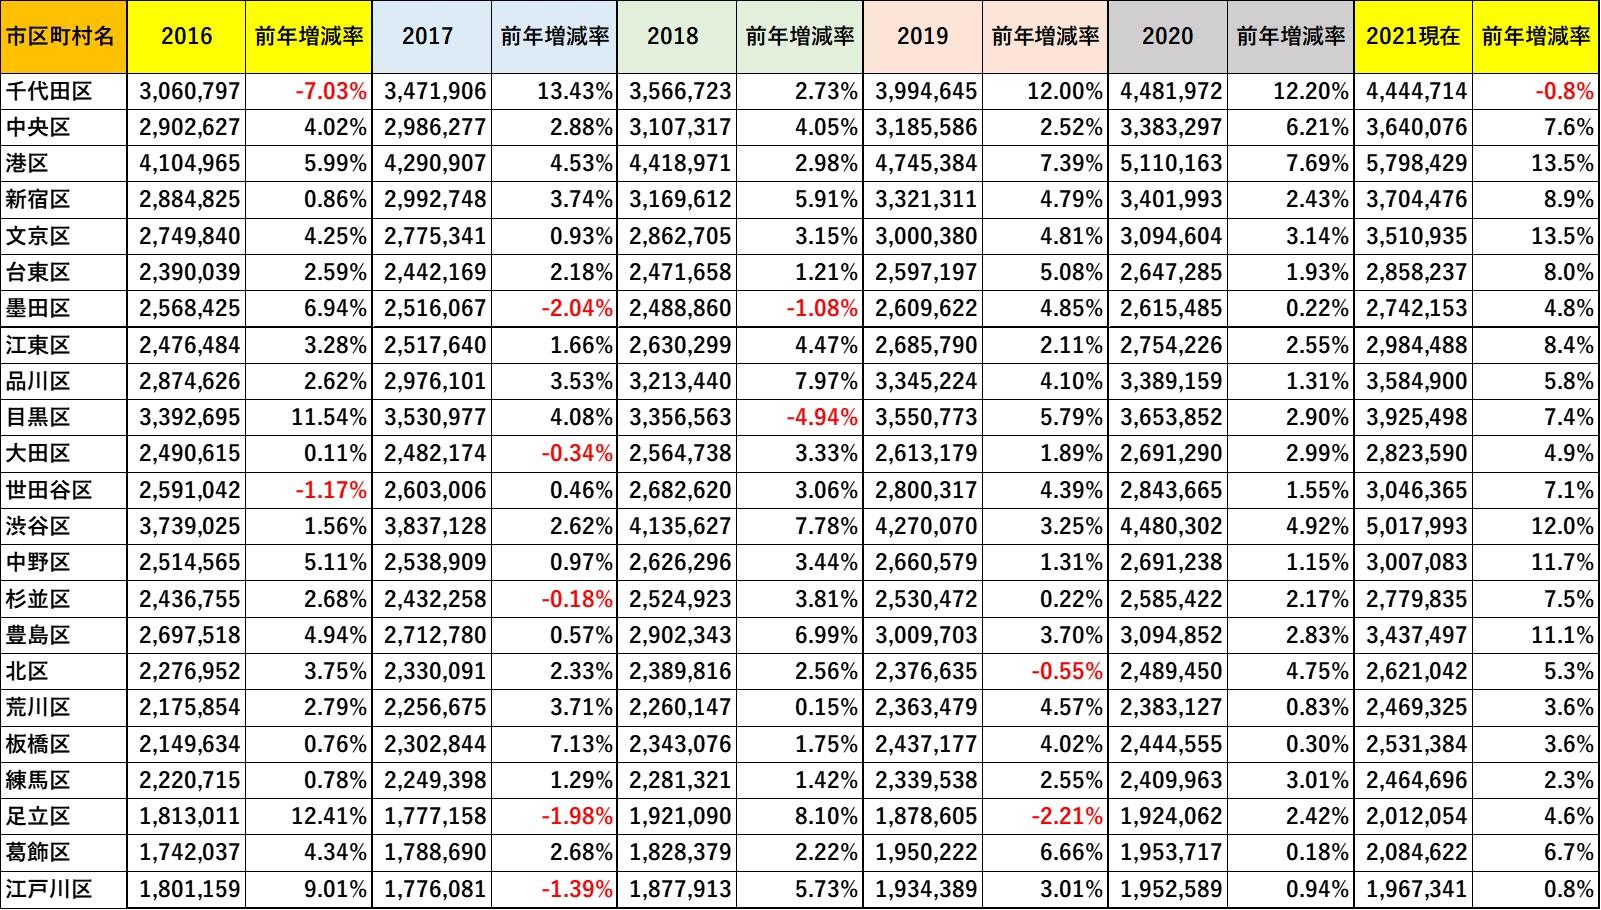 2016年~2021年の「平均成約坪単価」と「前年比増減率」 ※マンションリサーチ株式会社調べ